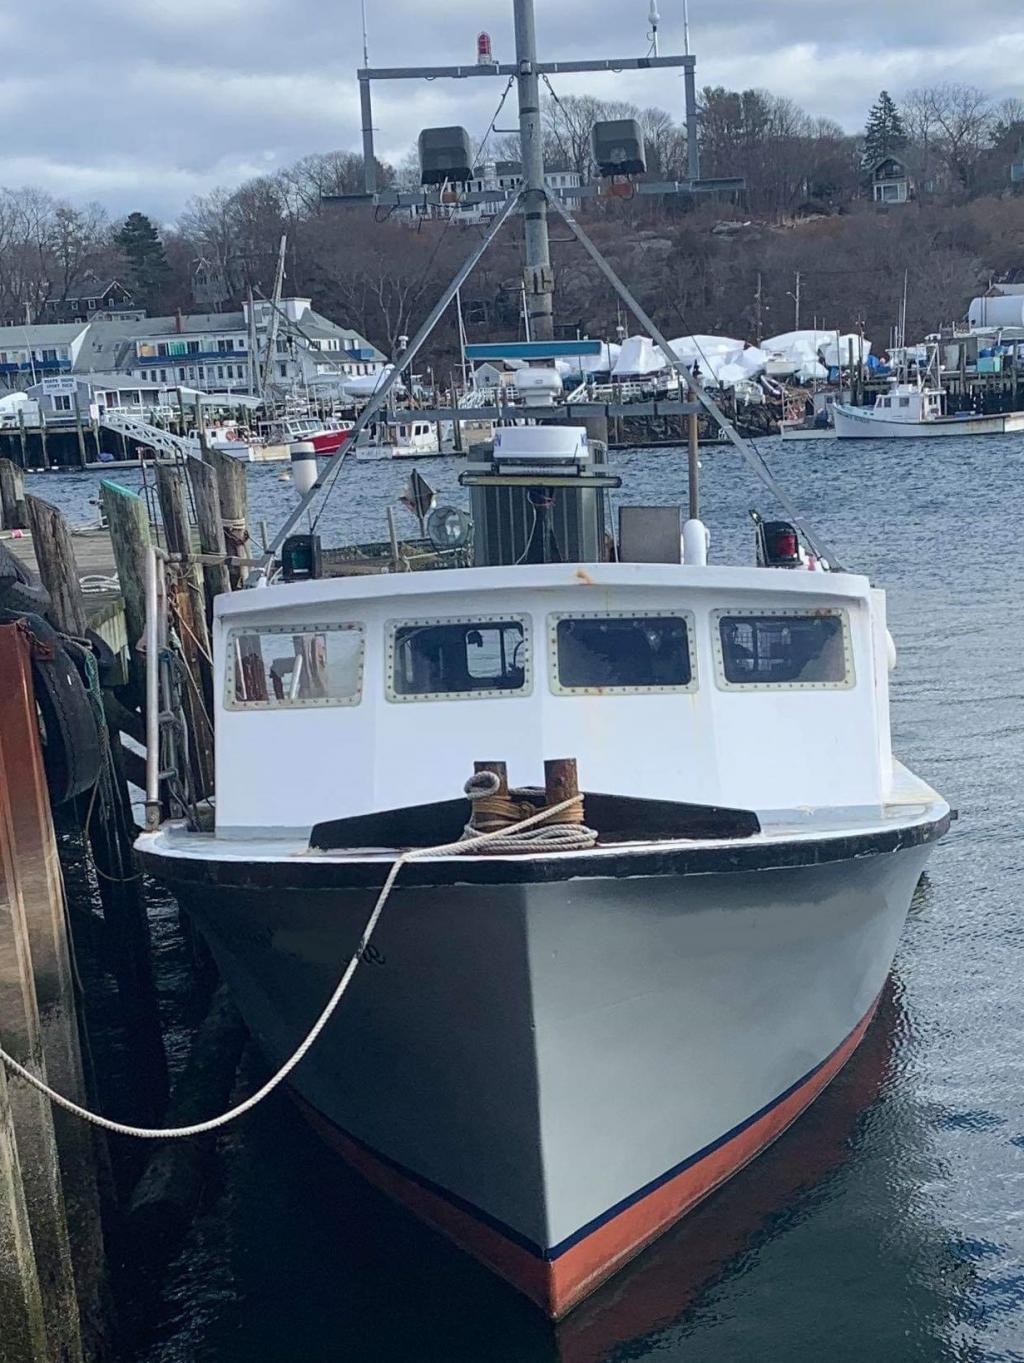 65' DMR Offshore Lobster Boat For Sale